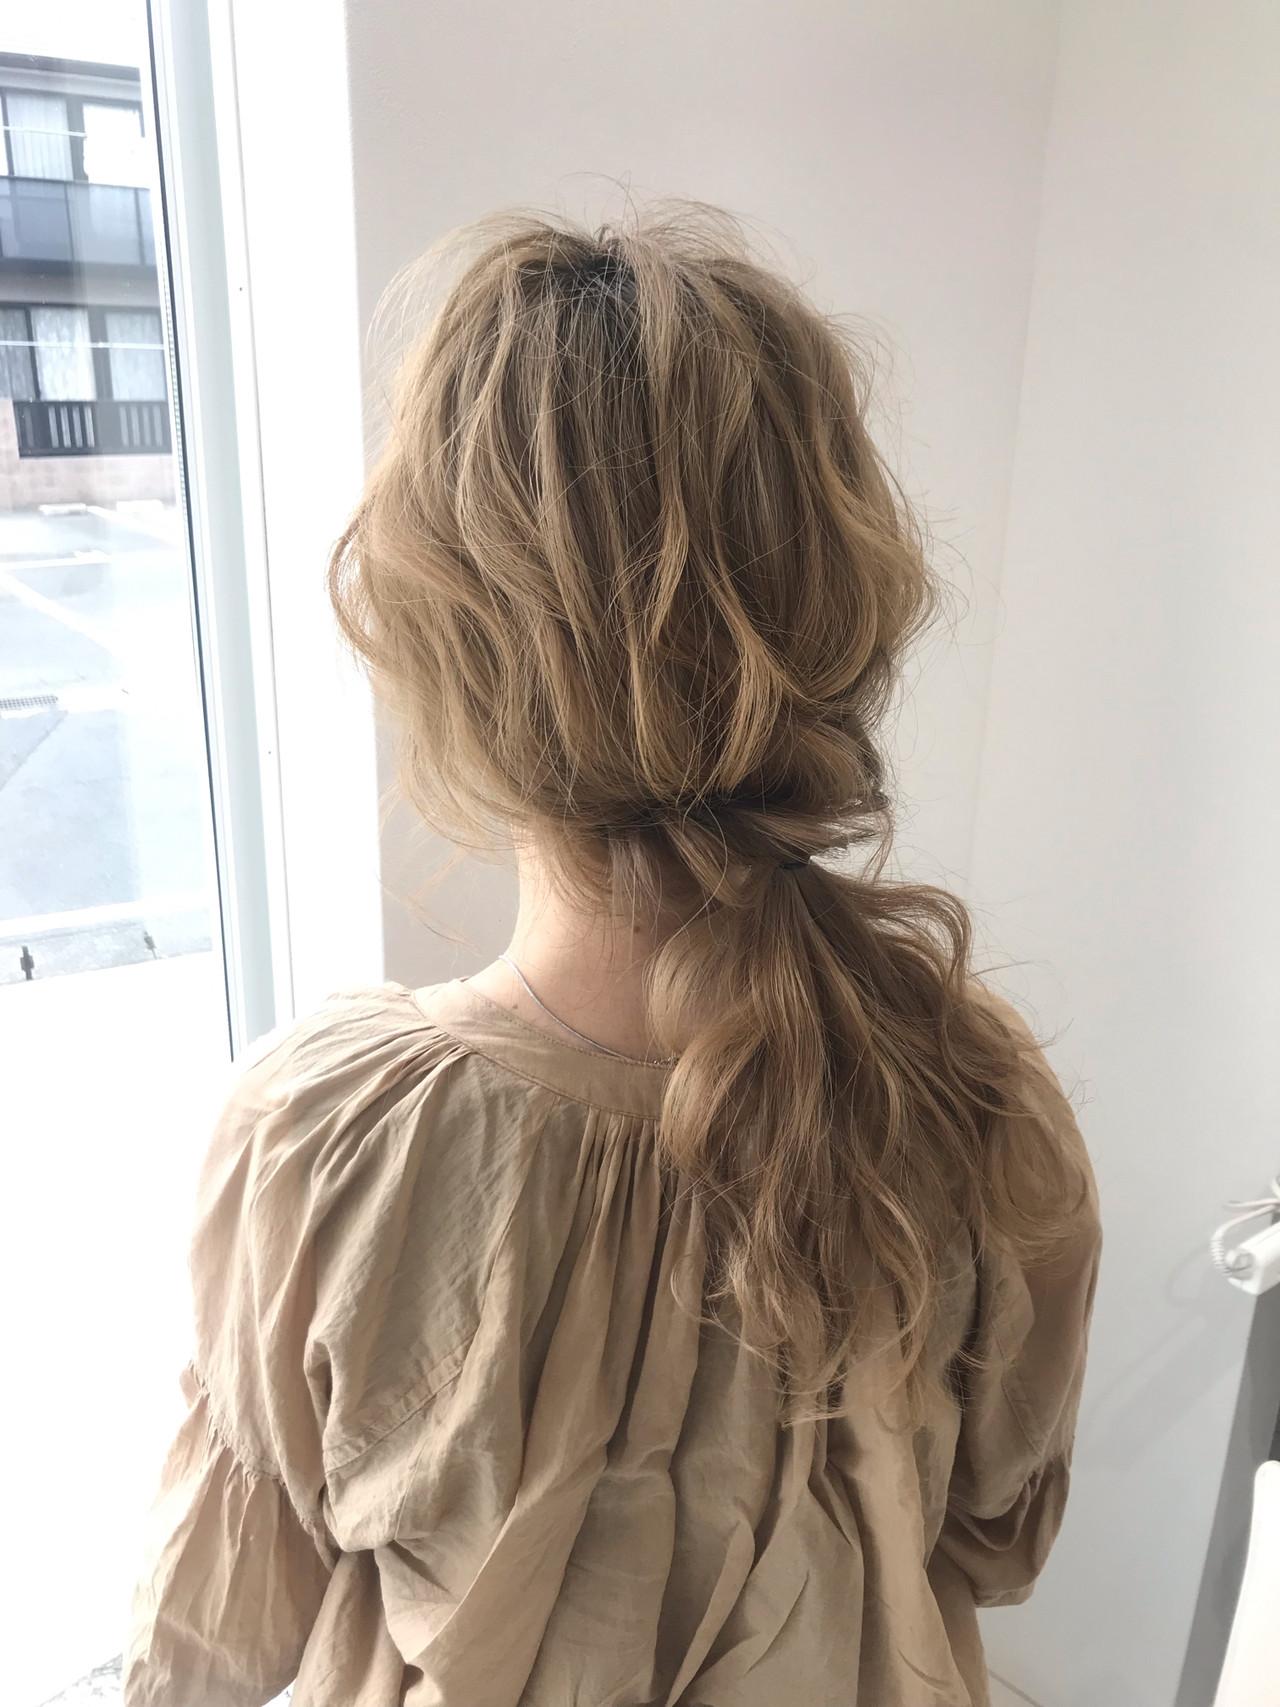 ミディアム 結婚式 デート 簡単ヘアアレンジ ヘアスタイルや髪型の写真・画像